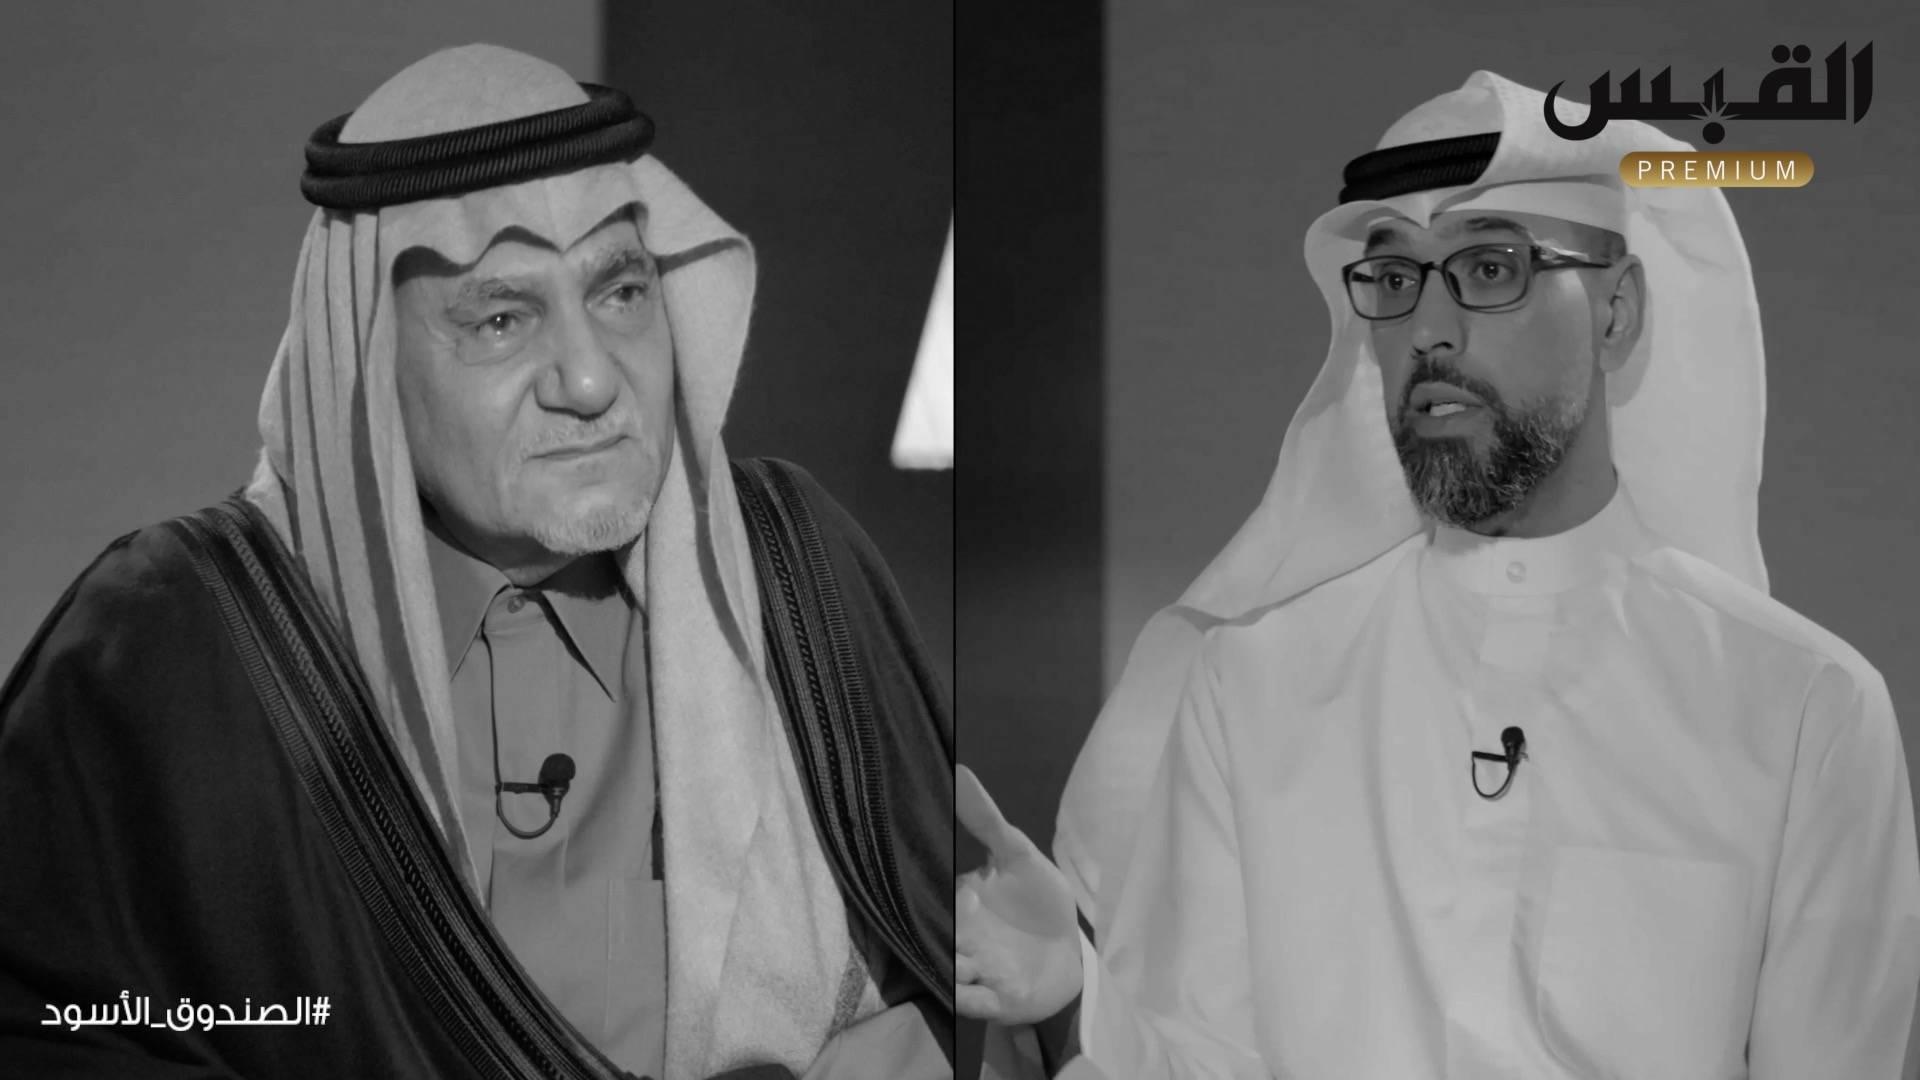 الحلقتان السابعة والثامنة من سلسلة حلقات الأمير تركي الفيصل في «الصندوق الأسود»